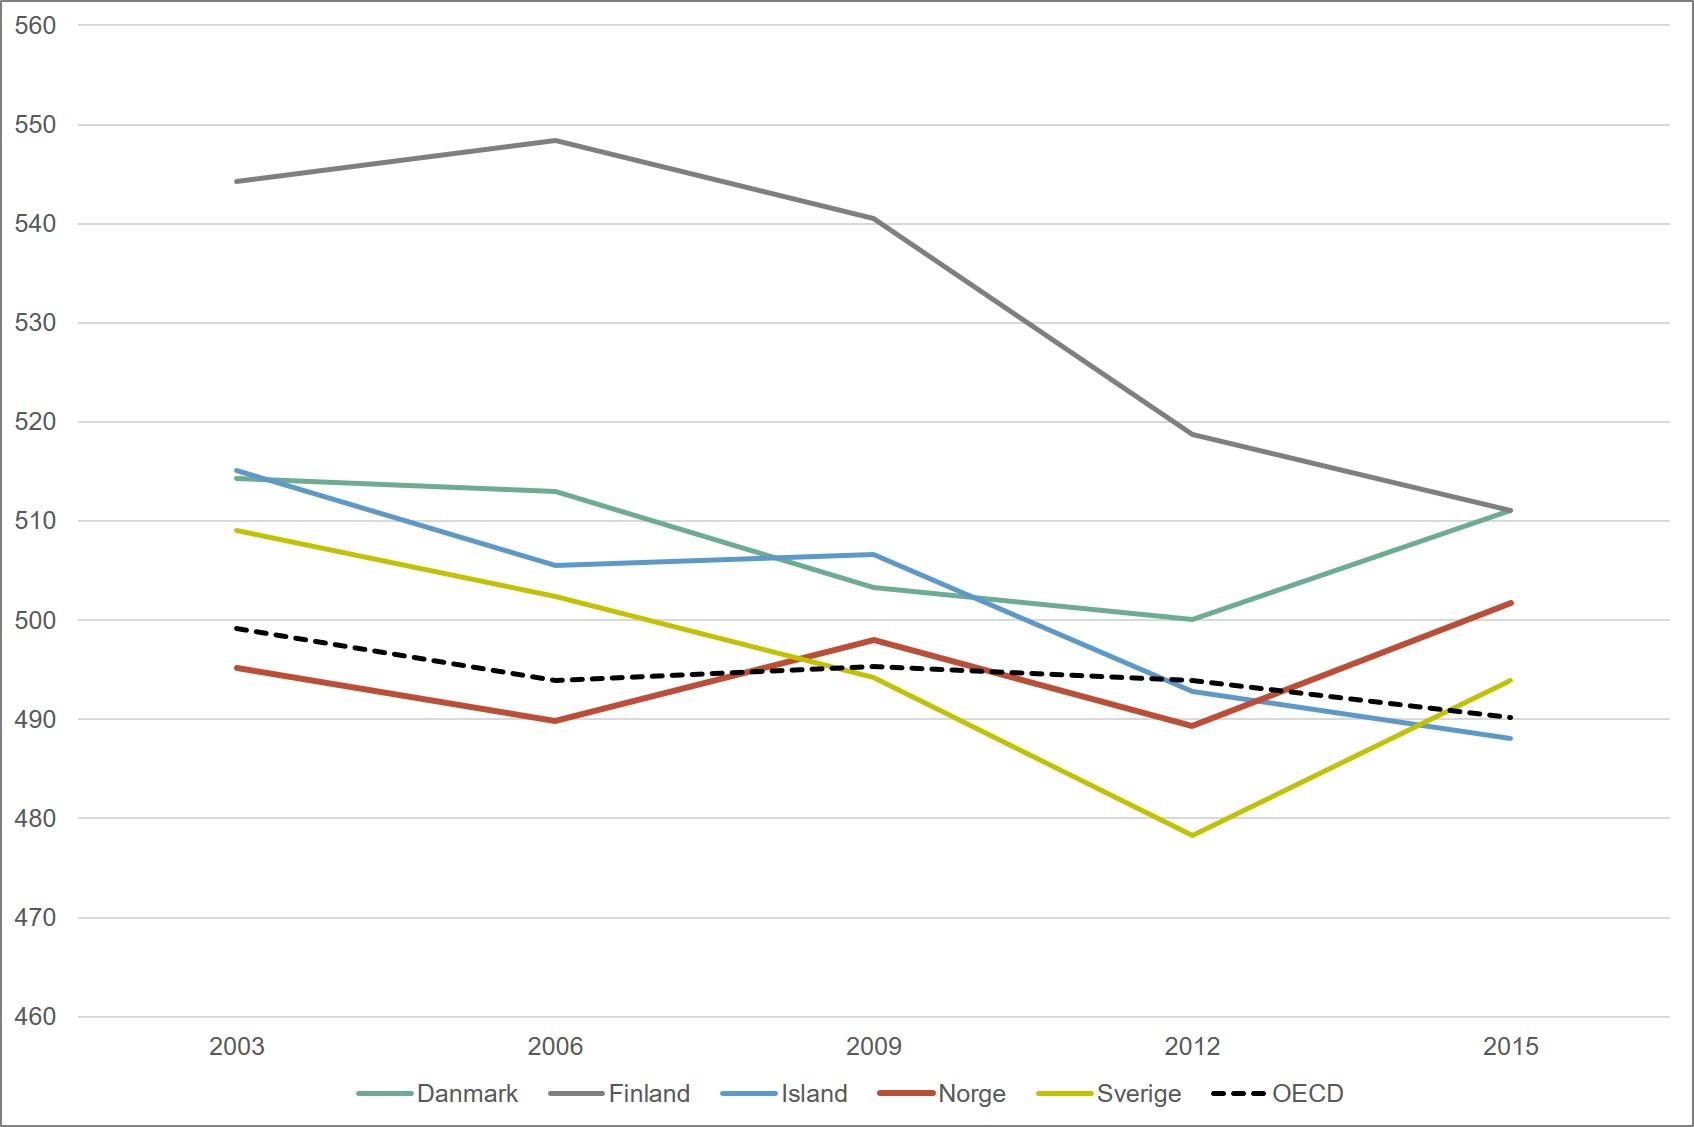 Gjennomsnittsskår på PISA-undersøkelsen i matematikk. Nordiske land og OECD. 2003-2015. Merknad: Skalaen begynner på 460